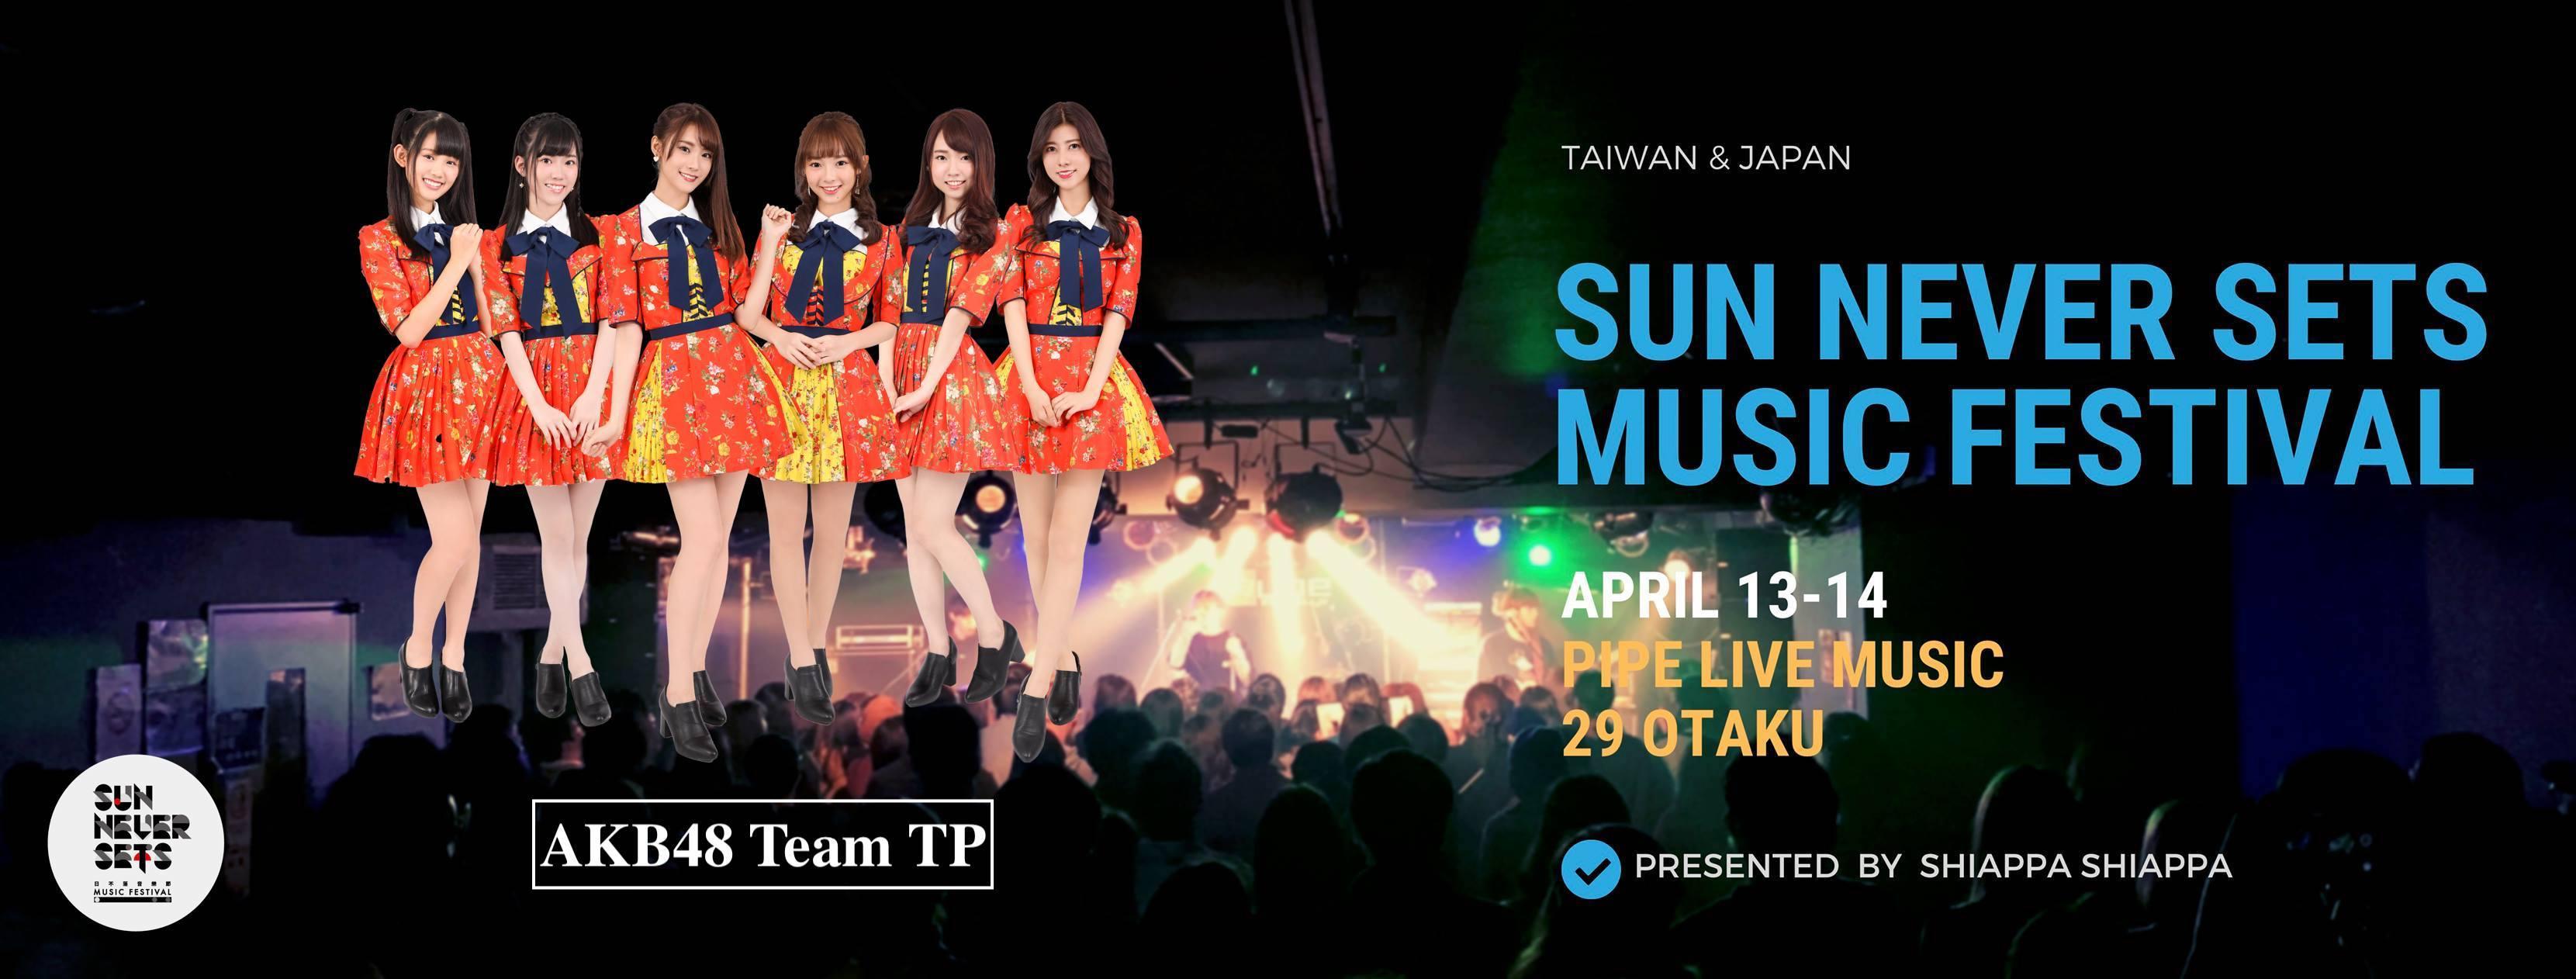 「日不落音乐节」强势登台!首届「台日红白歌合战」 神秘嘉宾是「AKB48 Team TP」! - 宅男圈